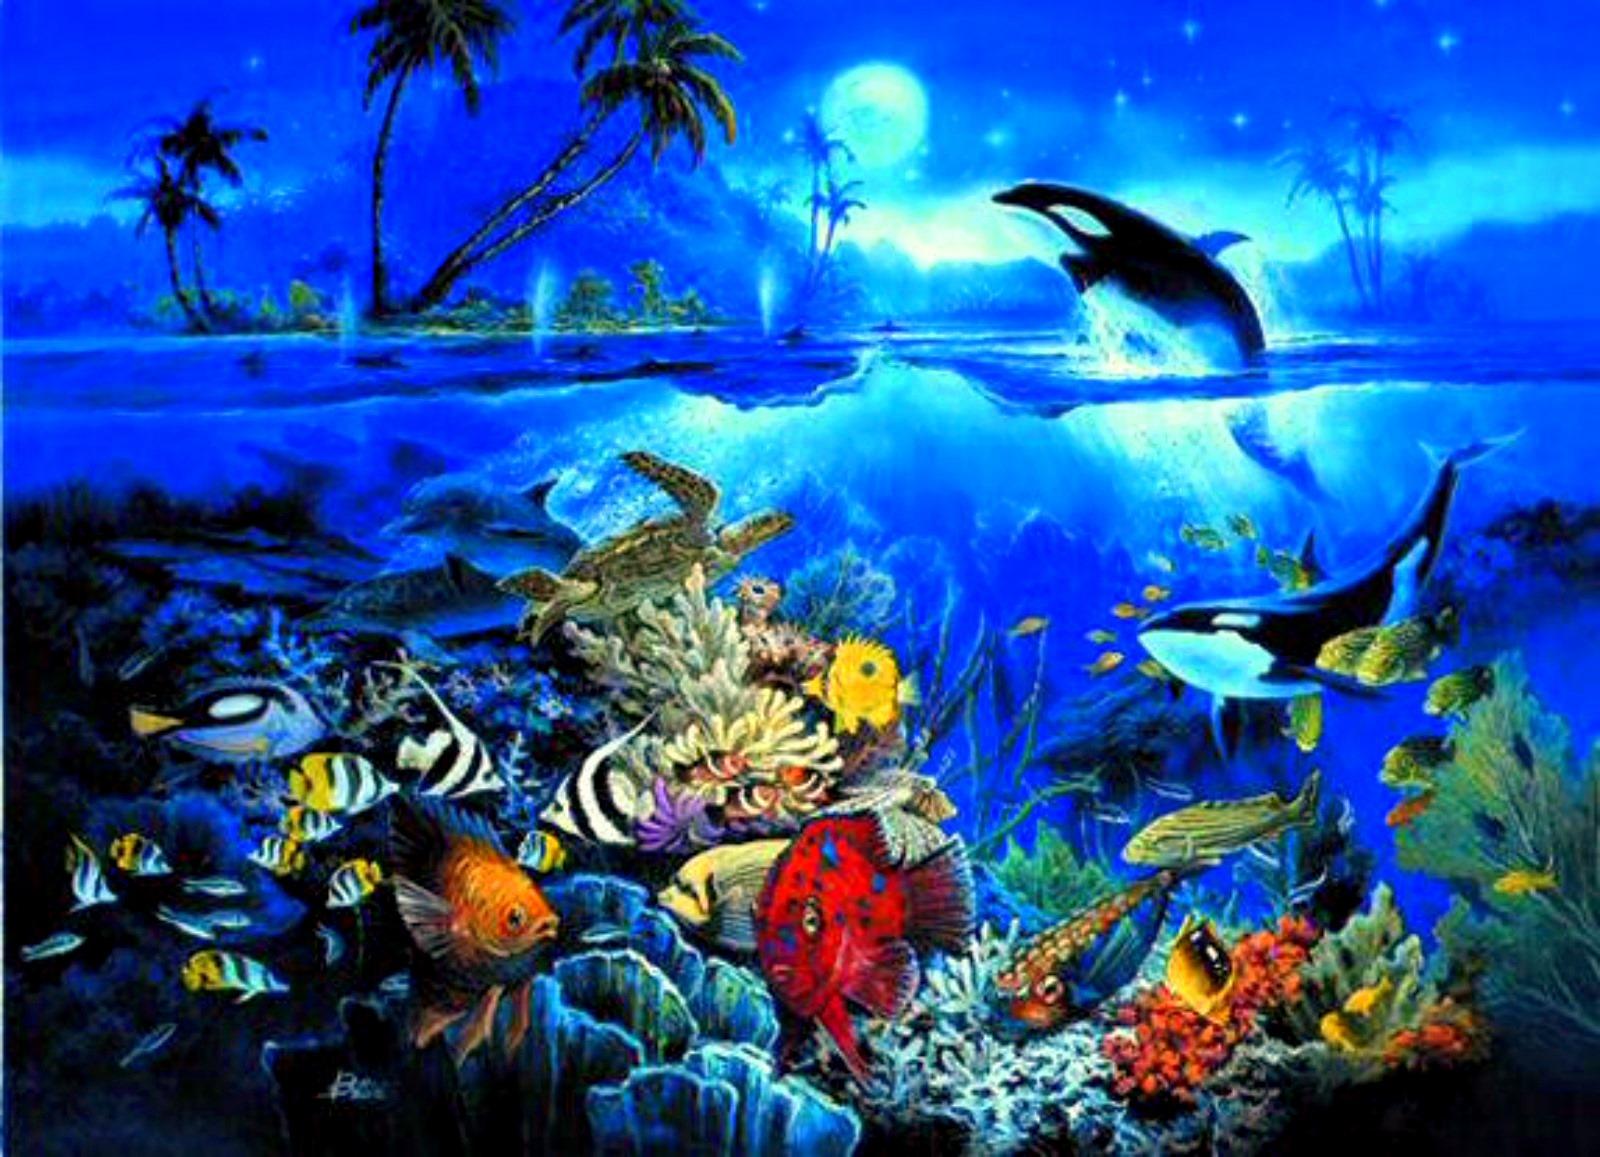 47 Hd Ocean Sea Life Wallpapers On Wallpapersafari